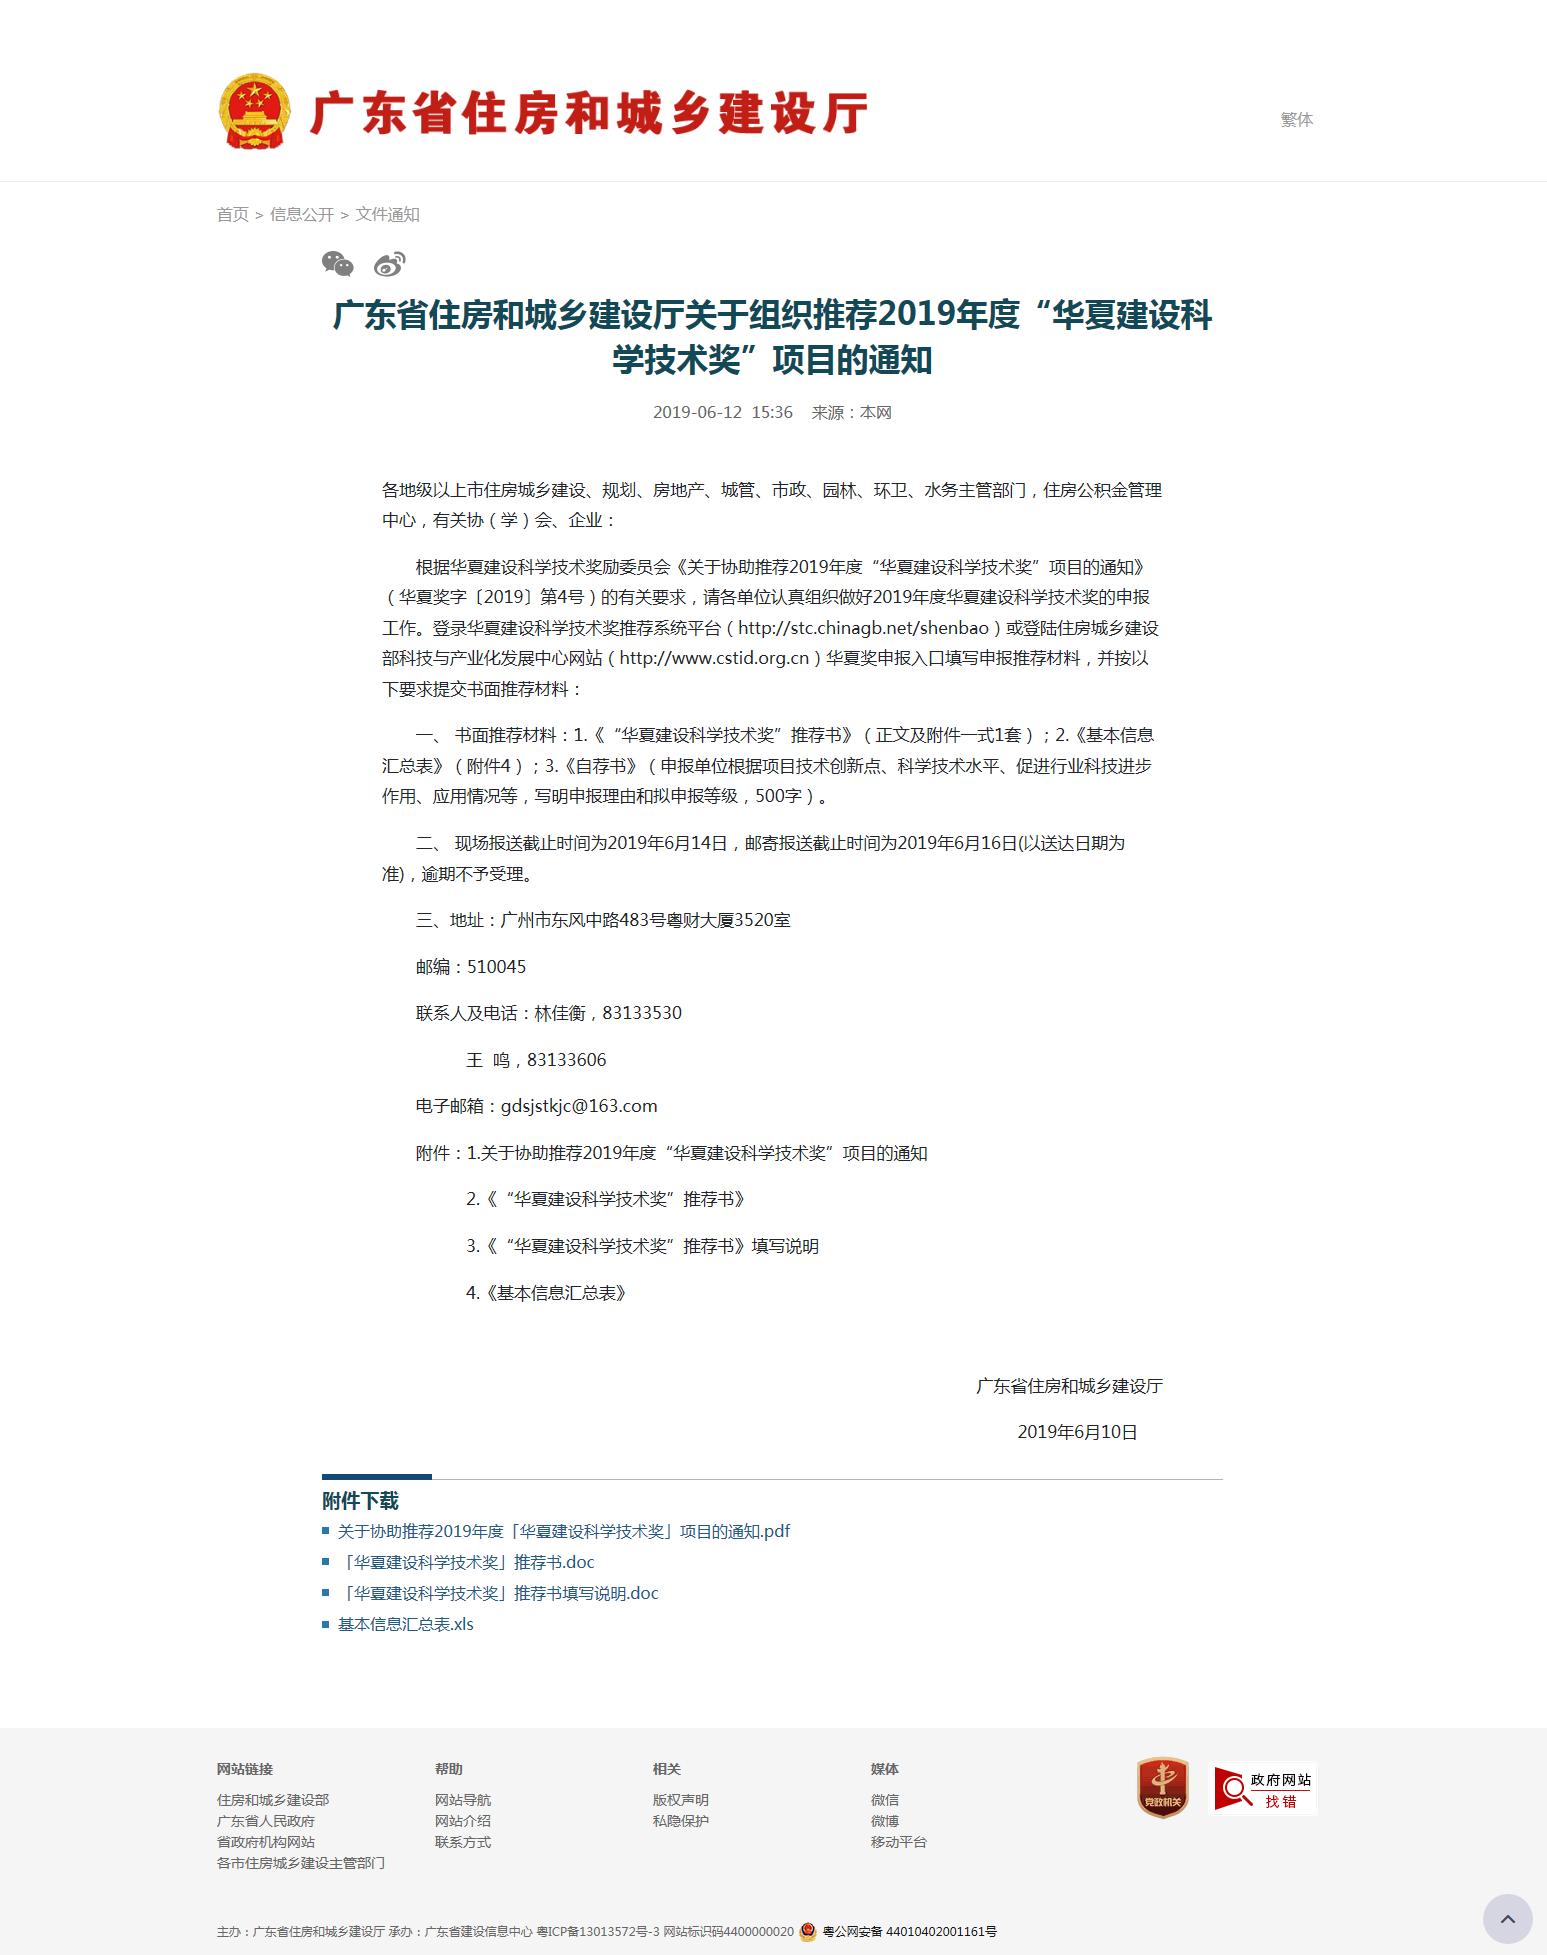 """转发:广东省住房和城乡建设厅关于组织推荐2019年度""""华夏建设科学技术奖""""项目的通知"""